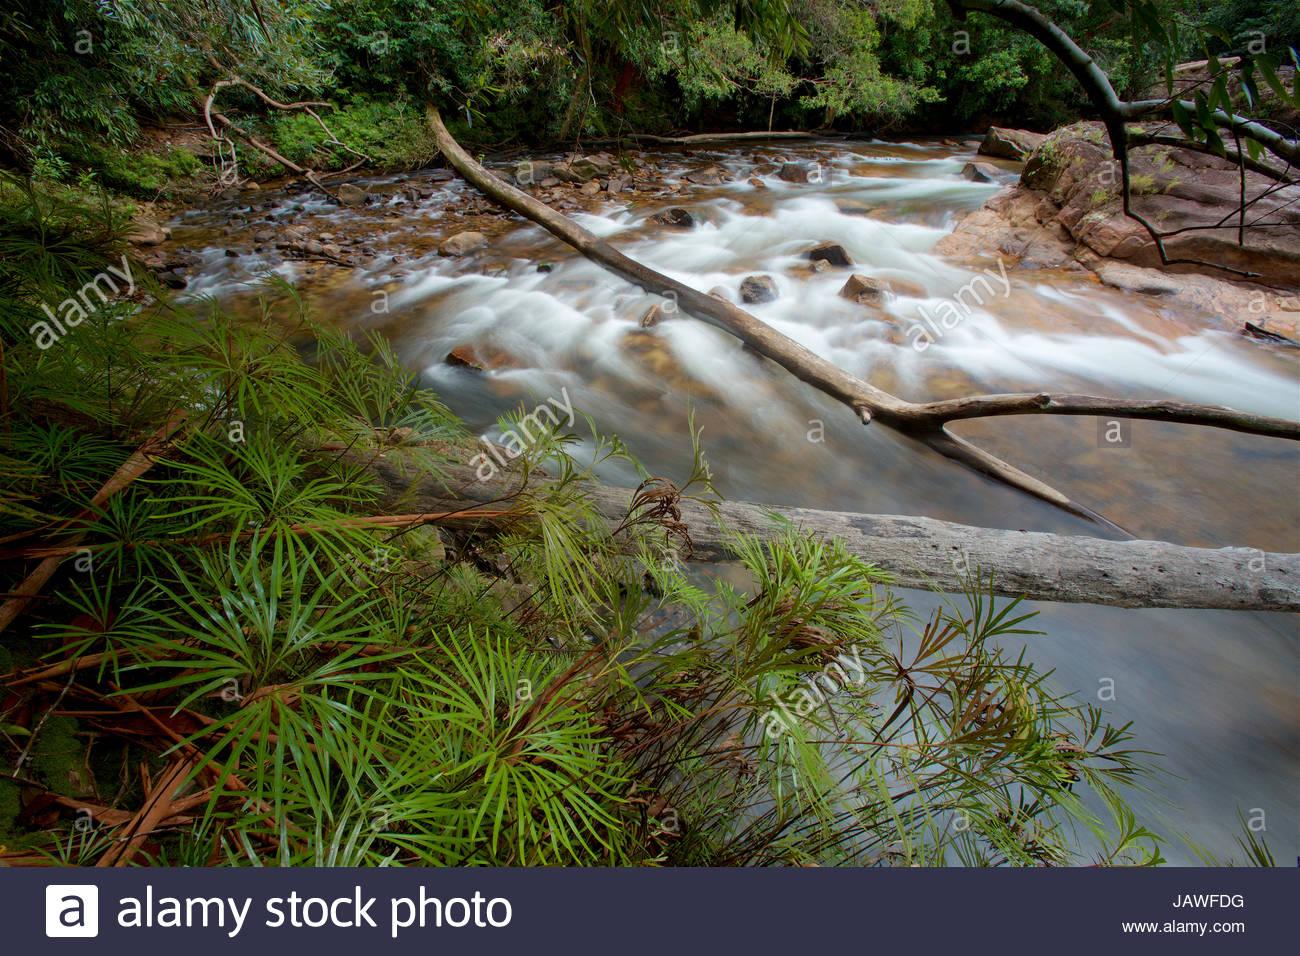 El Río Siduk, profundo en el Parque Nacional Gunung Palung, fluye a través del bosque tropical prístino. Foto de stock